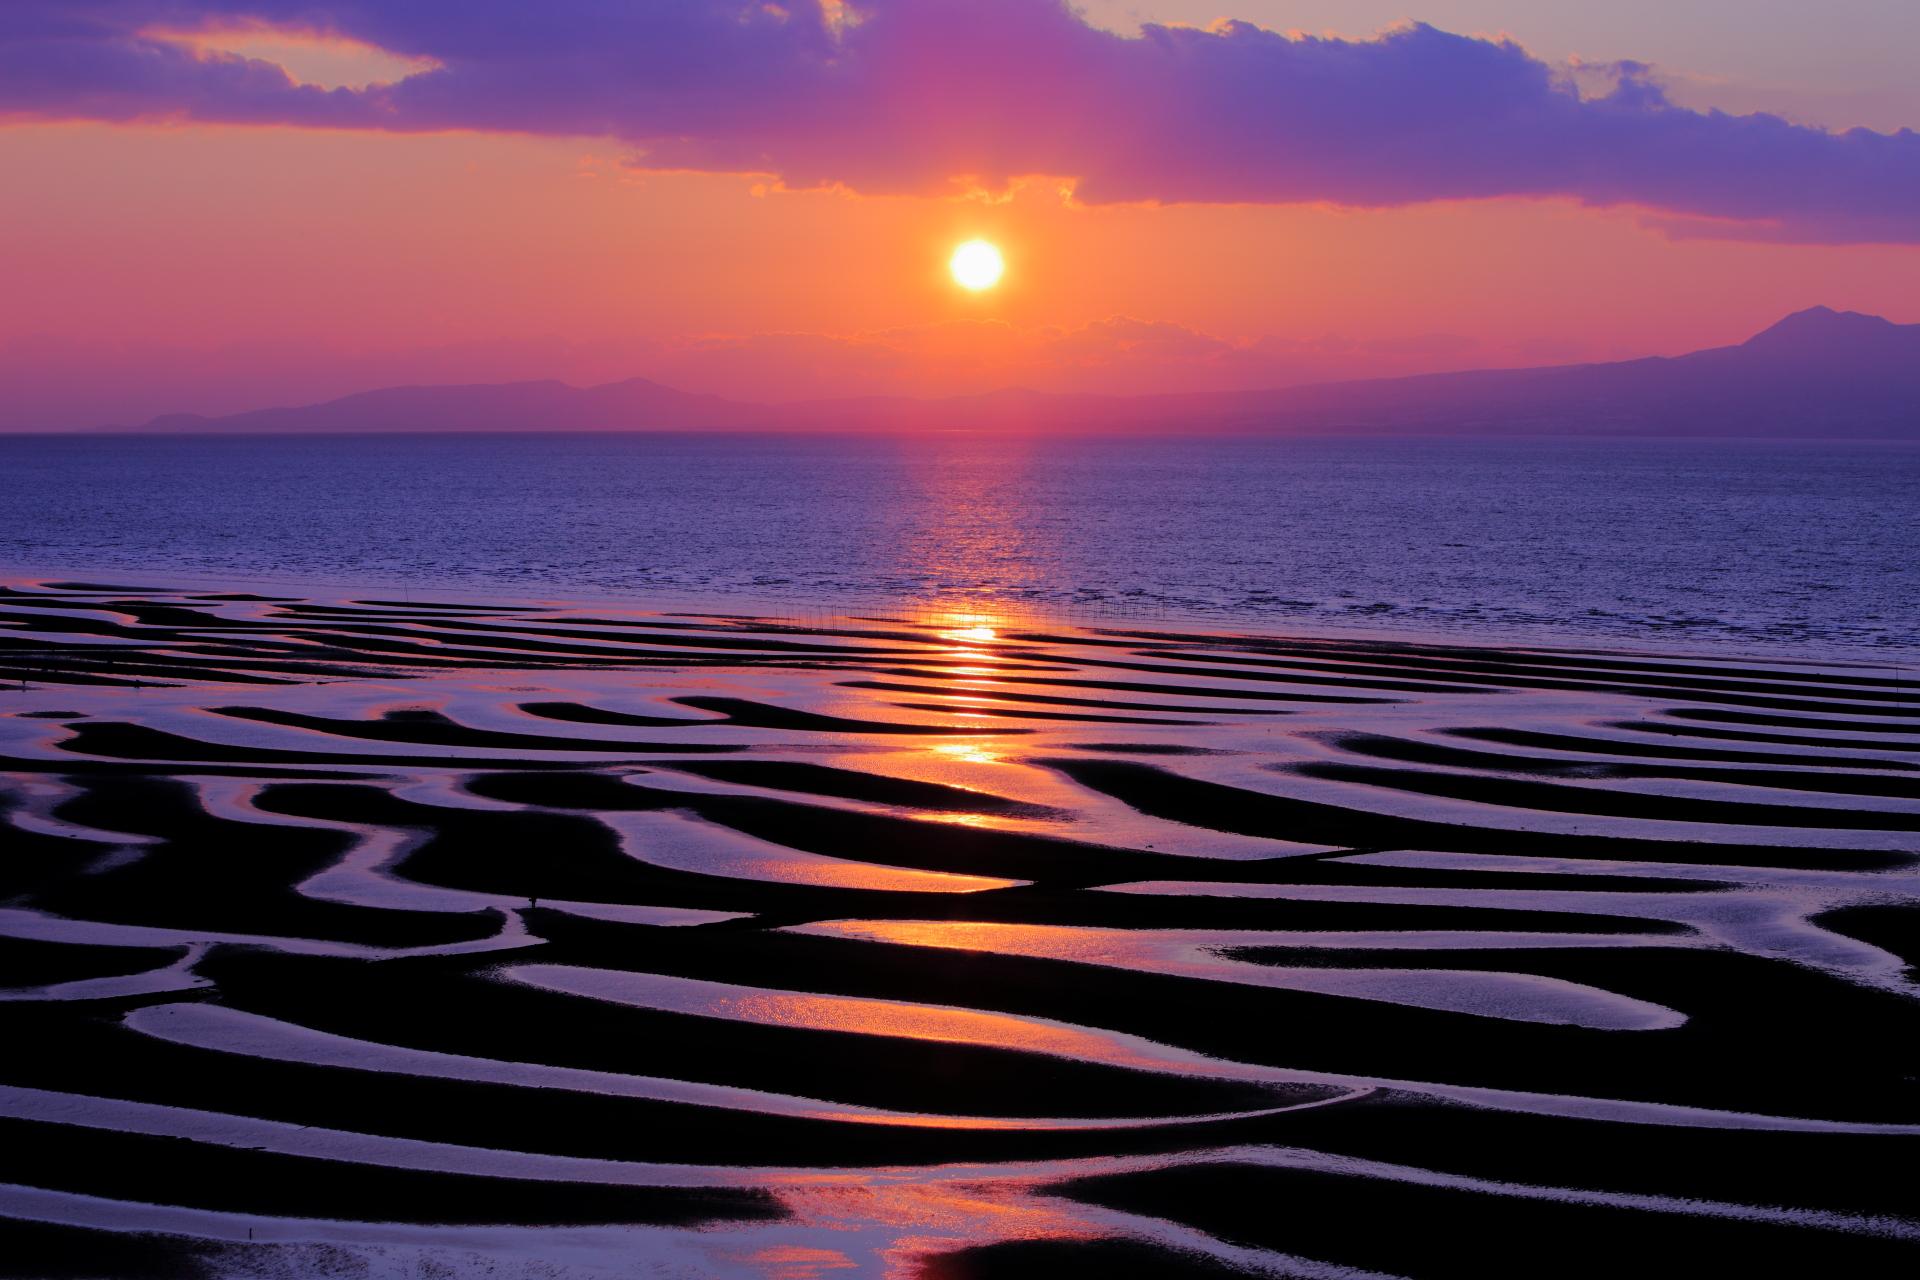 Mô hình thủy triều nghệ thuật được vẽ bởi thủy triều.